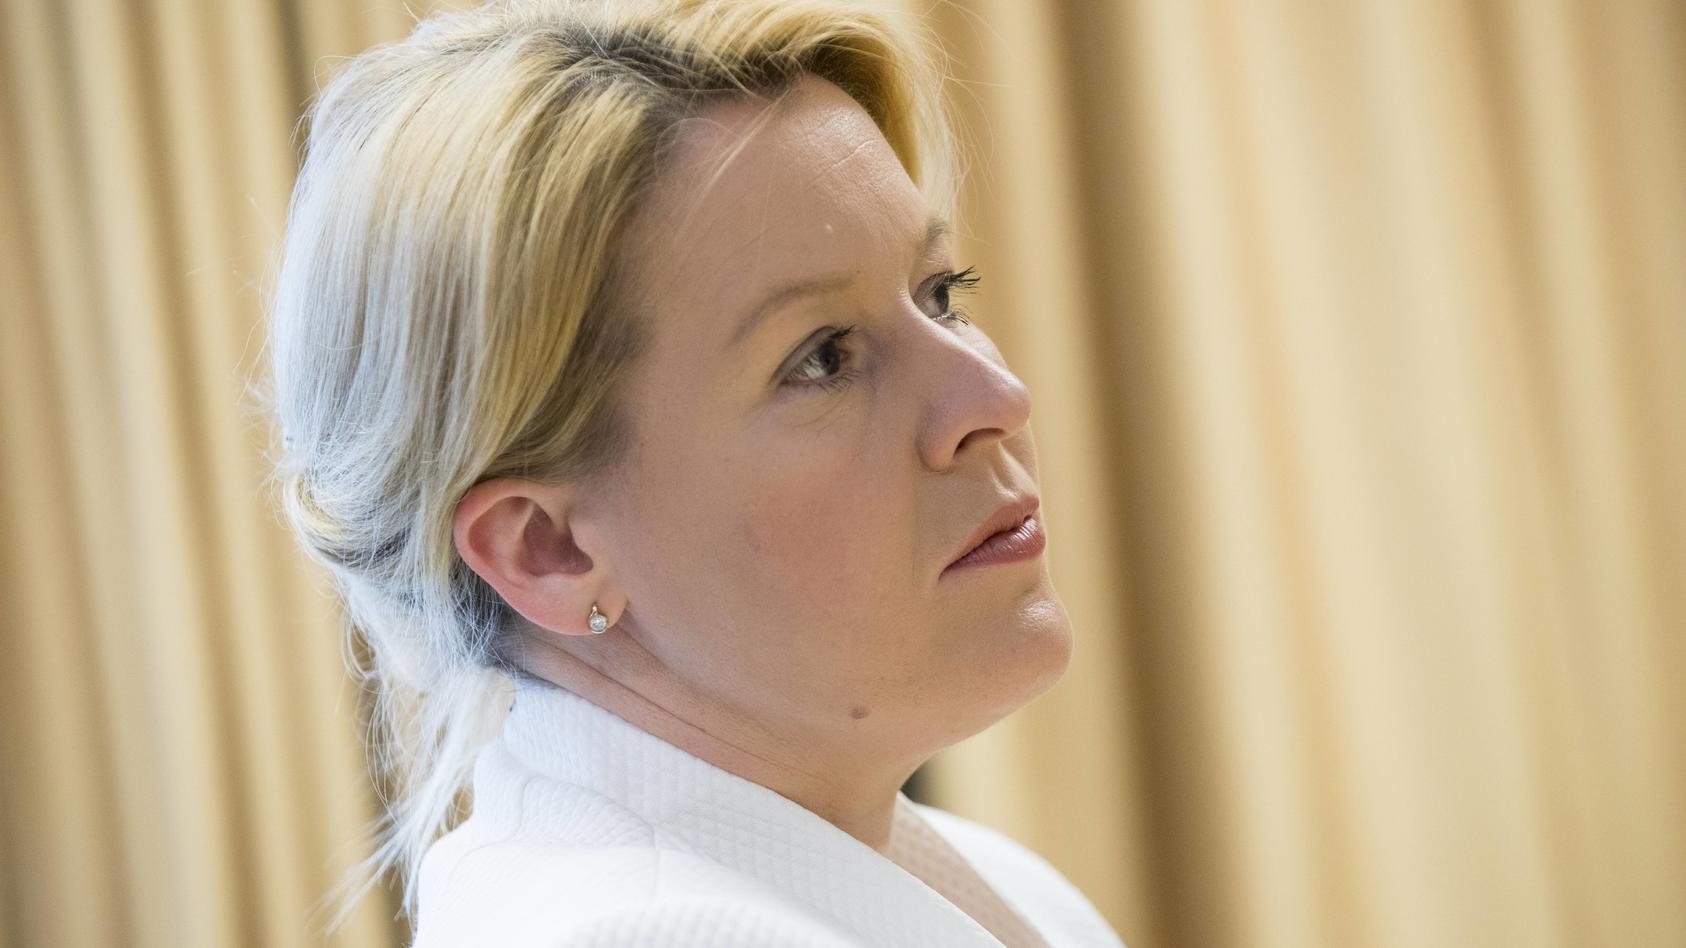 Familienministerin Franziska Giffey hält Burkinis im Schwimmunterricht für vertretbar.